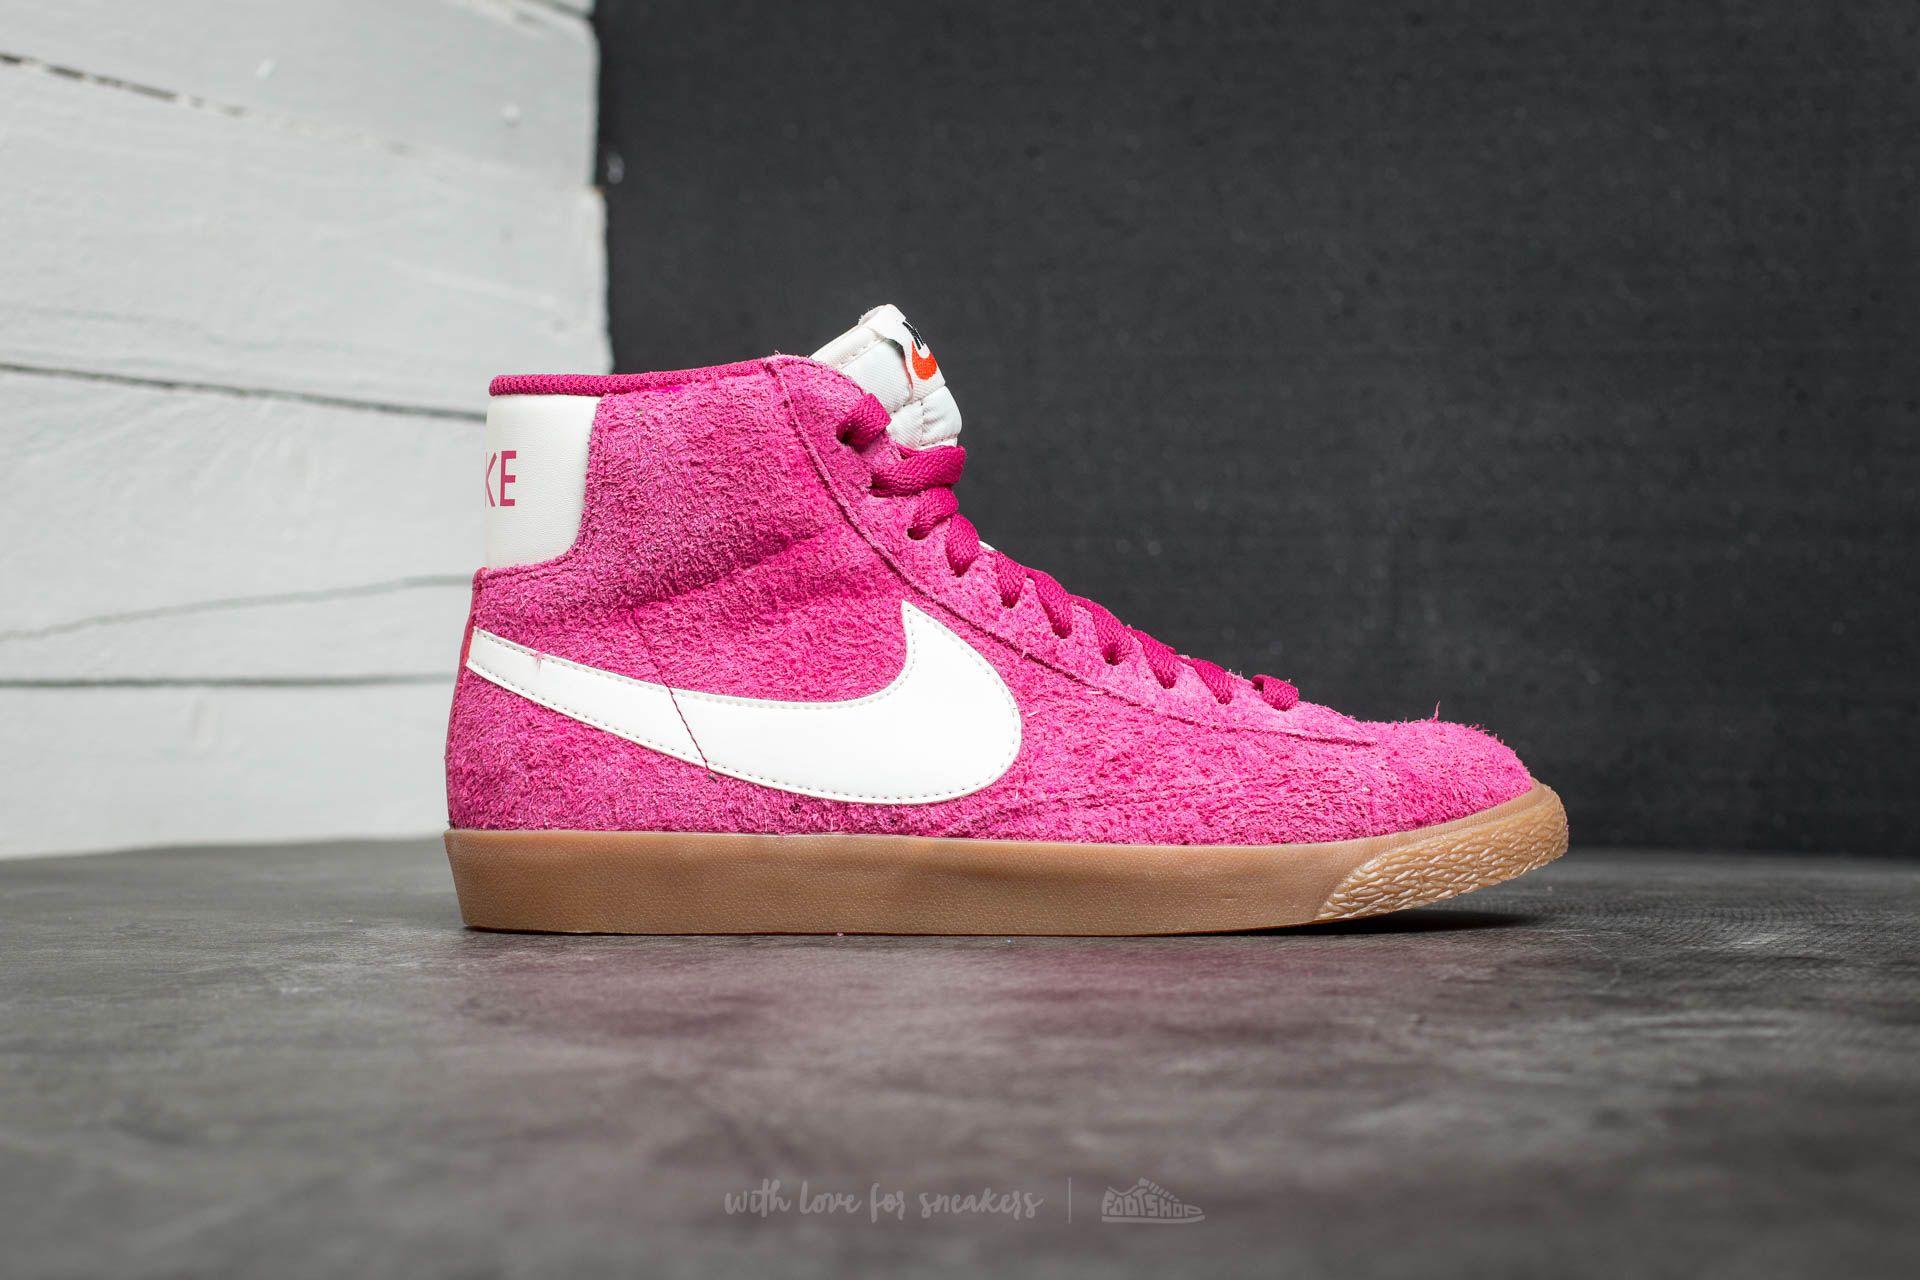 new styles 14de5 ba7c4 Grands baskets discount Nike en ligne à vendre. Lauthentique vente de nike  basket blazer mid suede vintage froid France sera aimée par votre coeur.